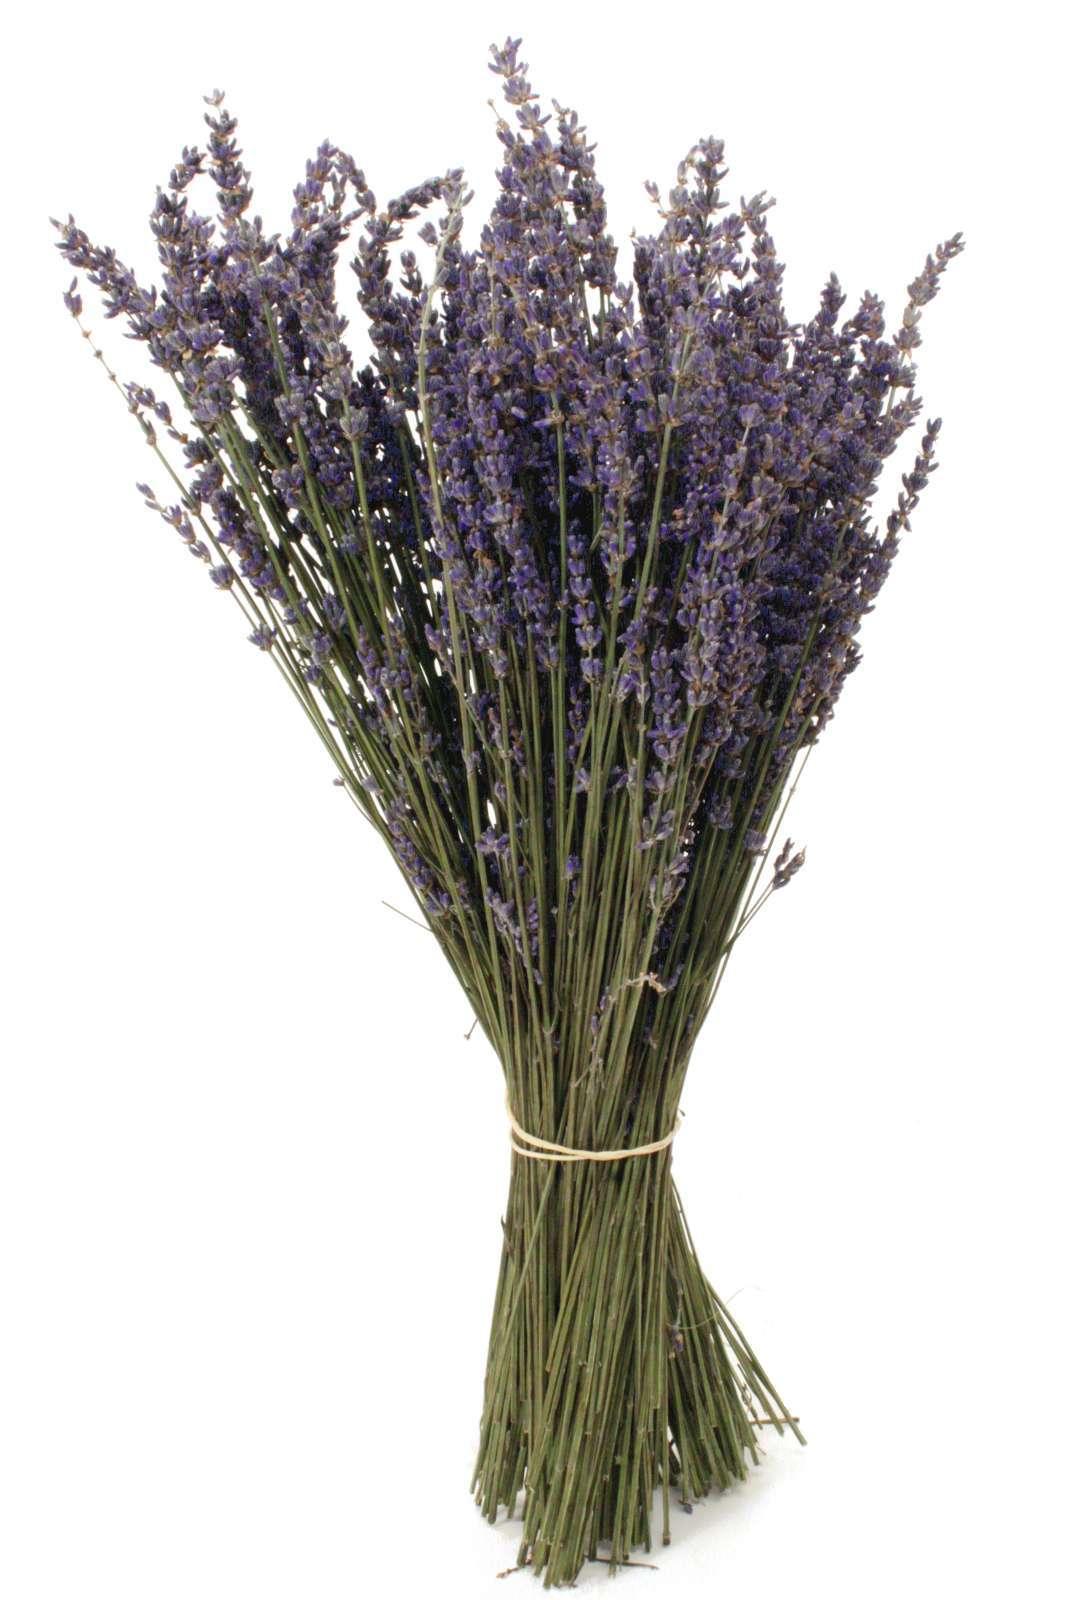 Gemeinsame Getrockneter Lavendel im Bund bestellen | Blumigo #EW_43